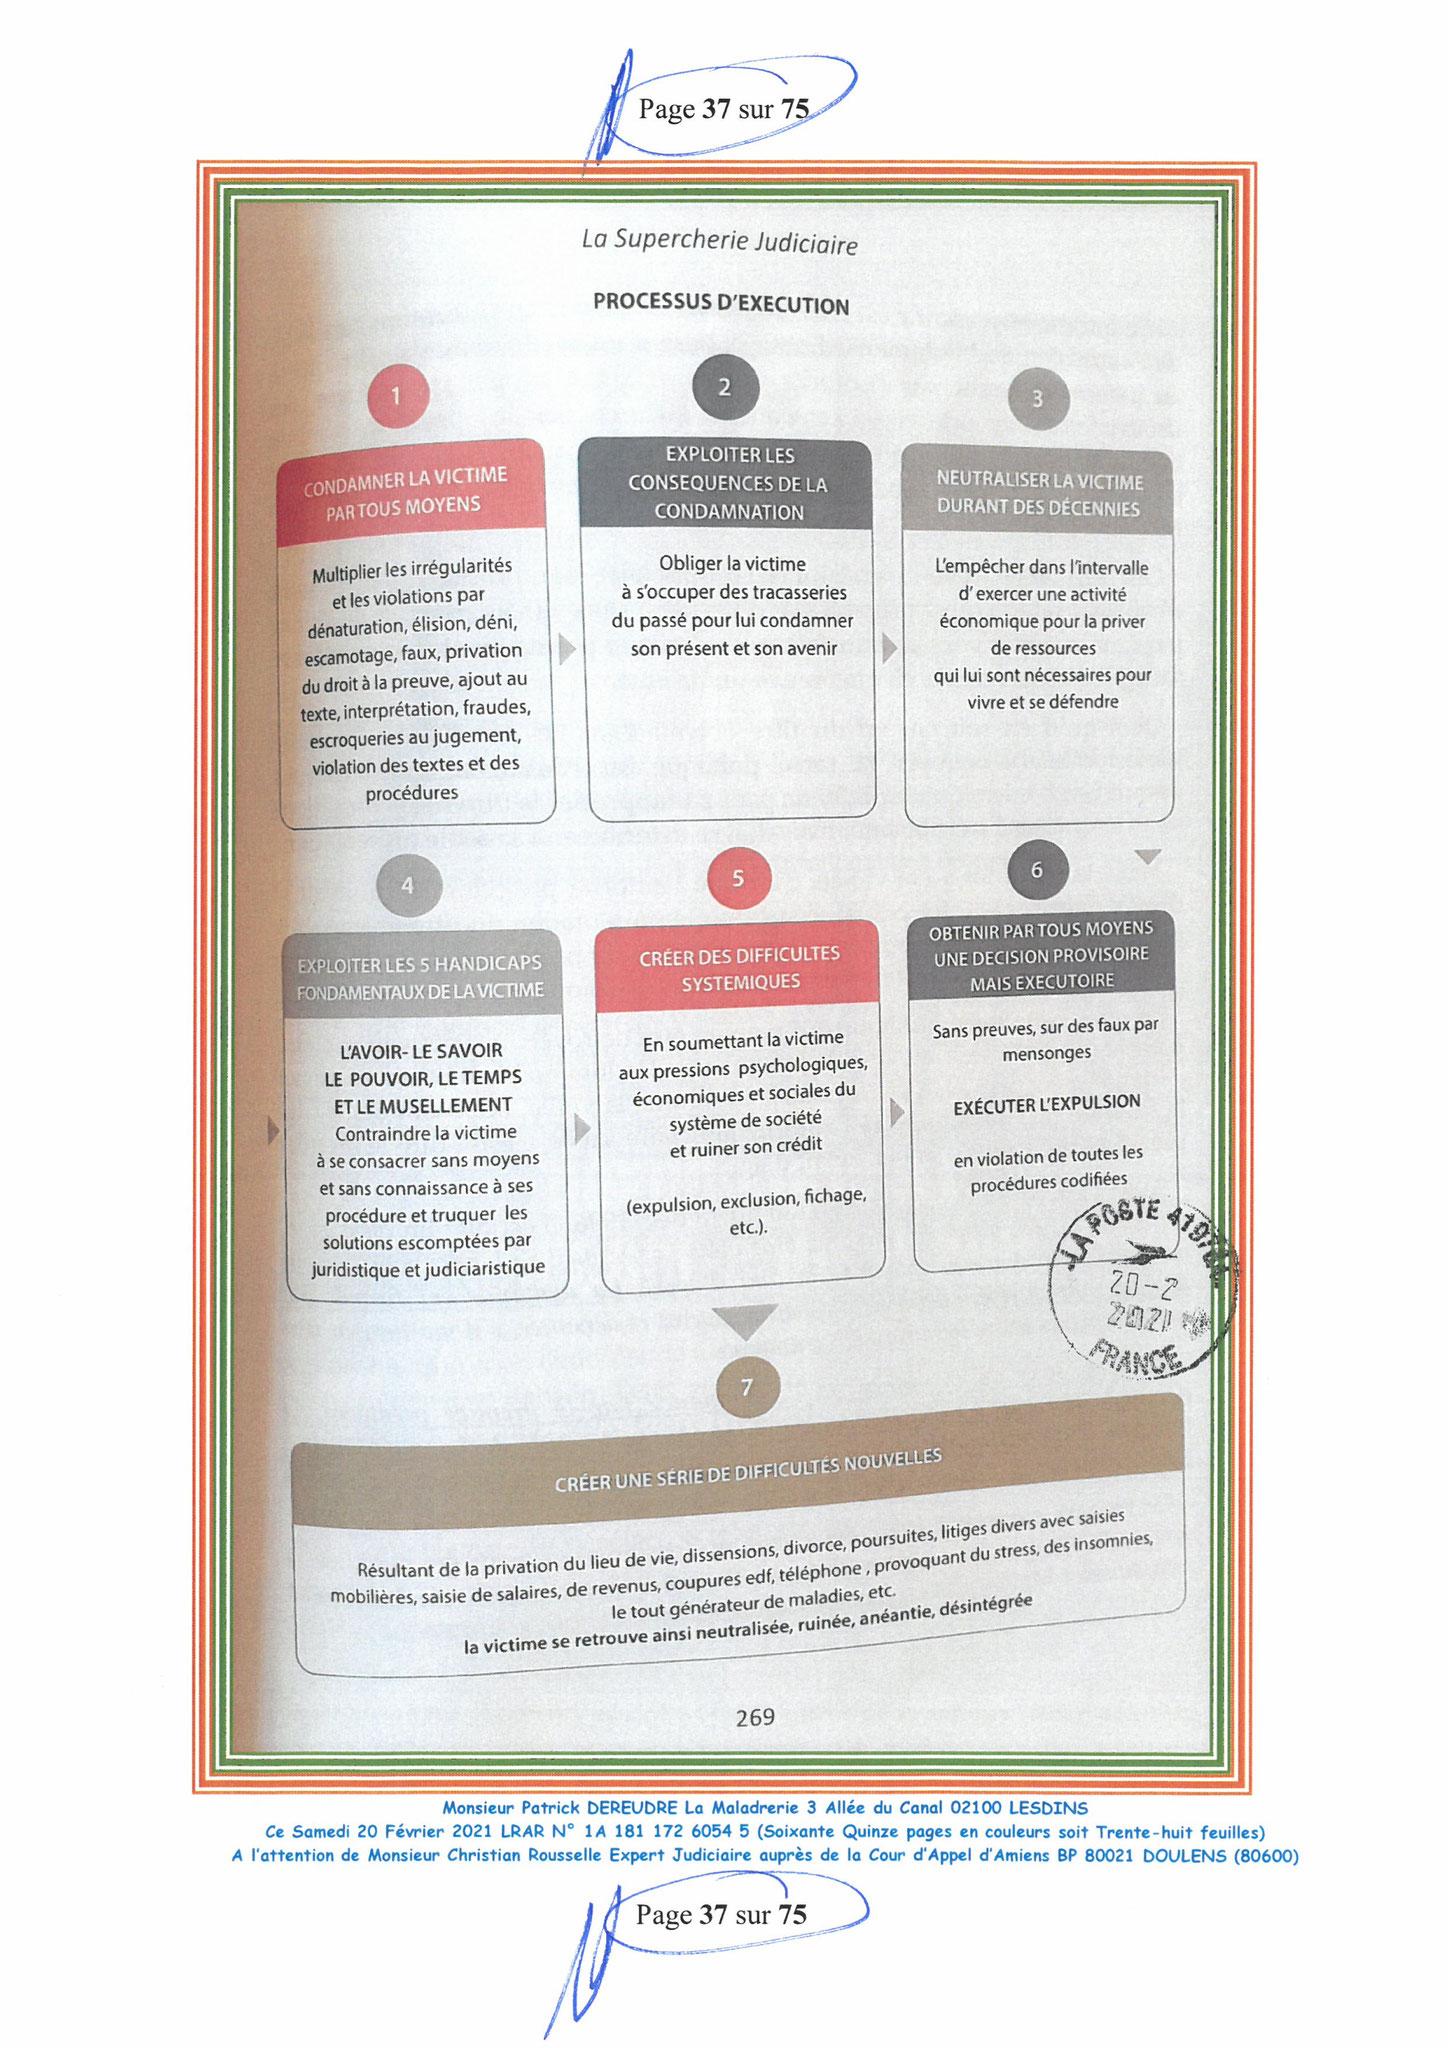 Page 37 Ma  Lettre Recommandée à Monsieur Christian ROUSSELLE Expert Judiciaire auprès de la Cour d'Appel d'Amiens Affaire MES CHERS VOISINS nos  www.jenesuispasunchien.fr www.jesuisvictime.fr www.jesuispatrick.fr PARJURE & CORRUPTION JUSTICE REPUBLIQUE